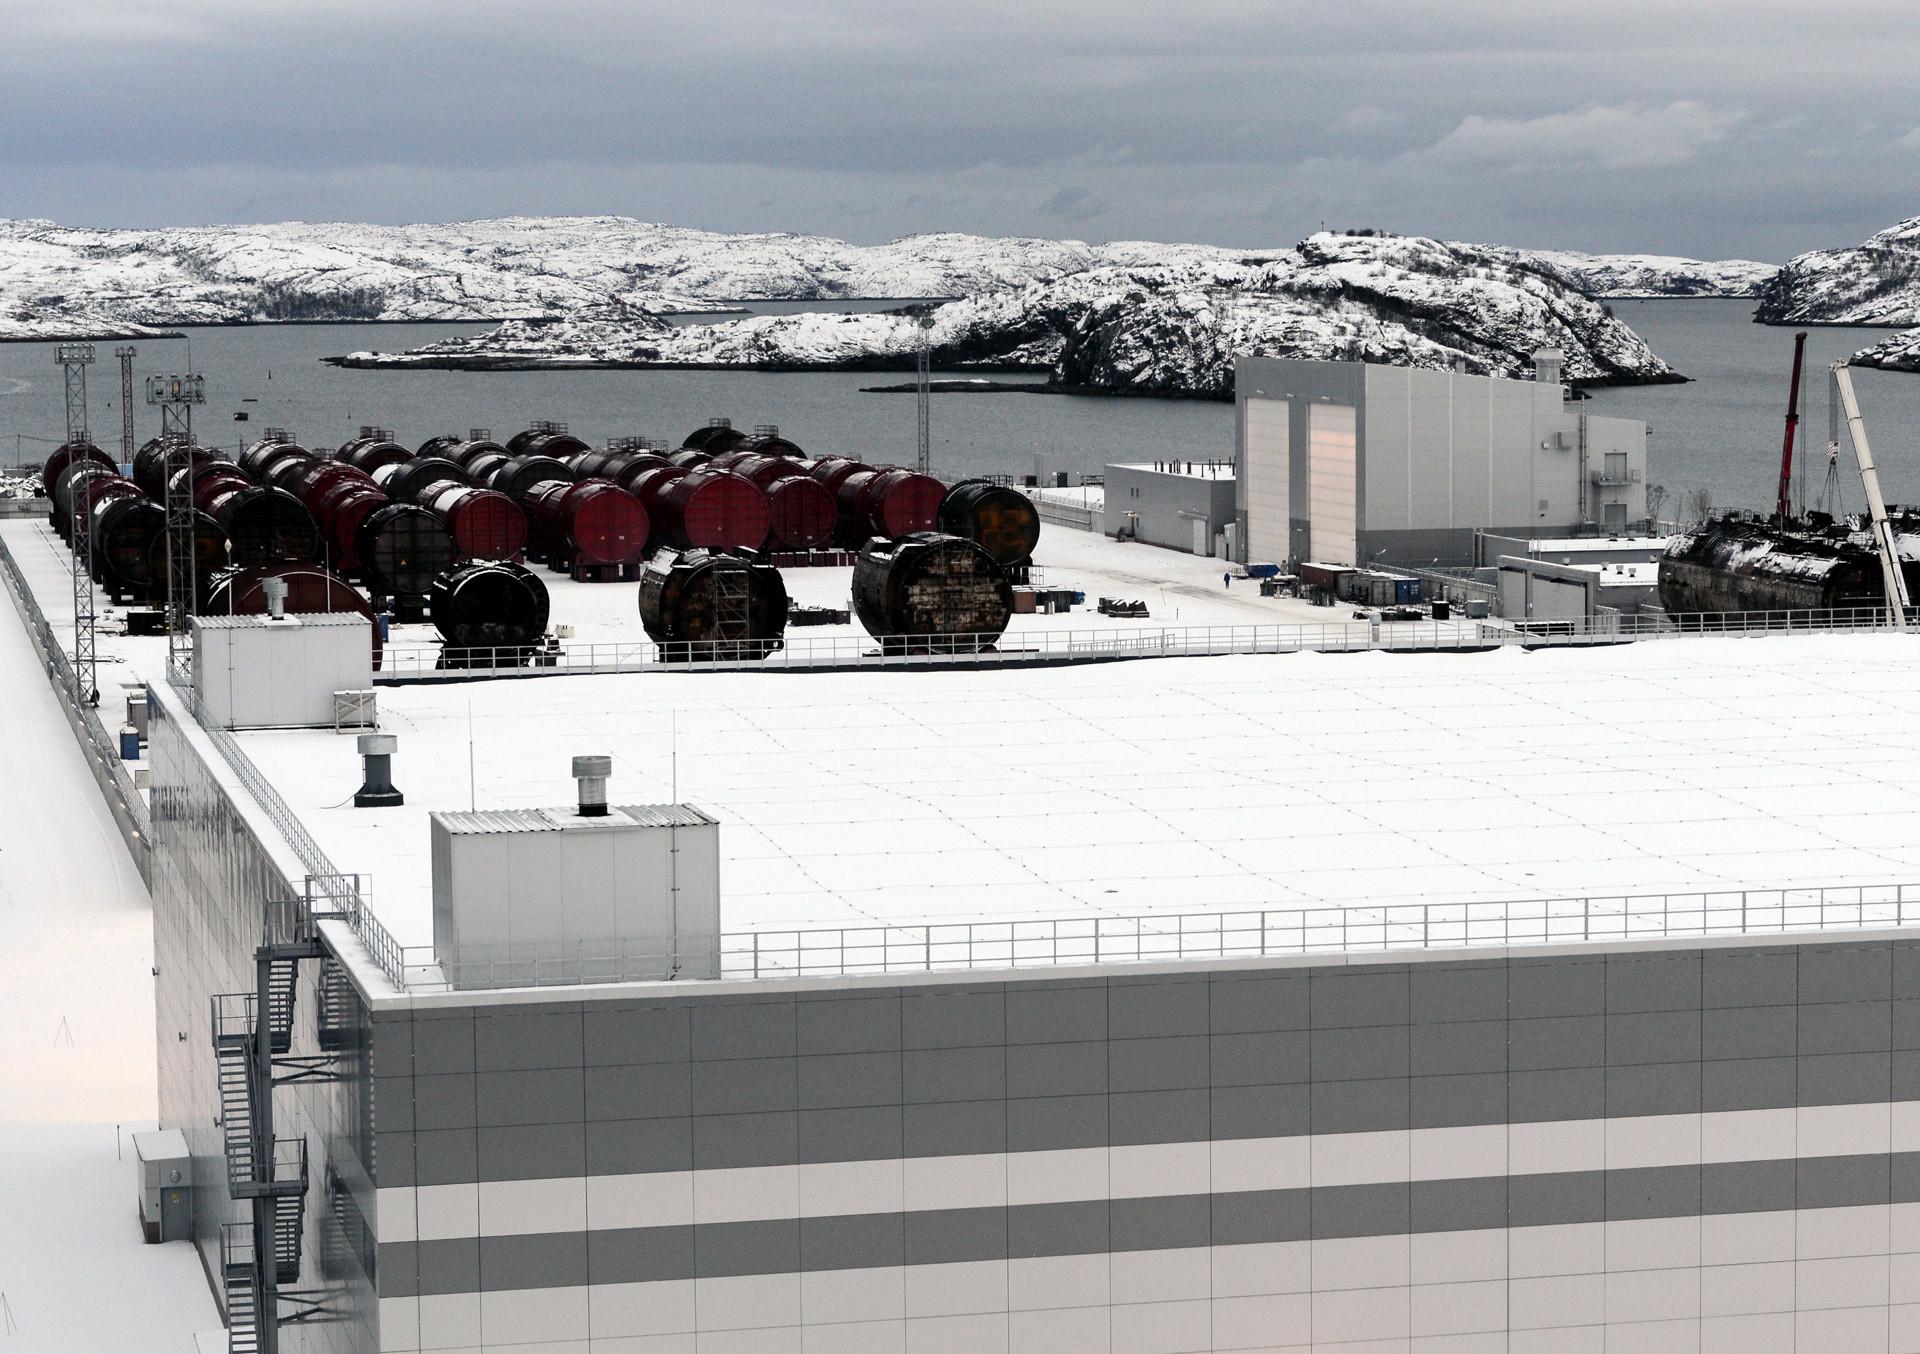 Una plataforma costera para almacenar bloques de reactores en la planta de reprocesamiento, acondicionamiento y almacenamiento de desechos radiactivos. Región de Múrmansk.